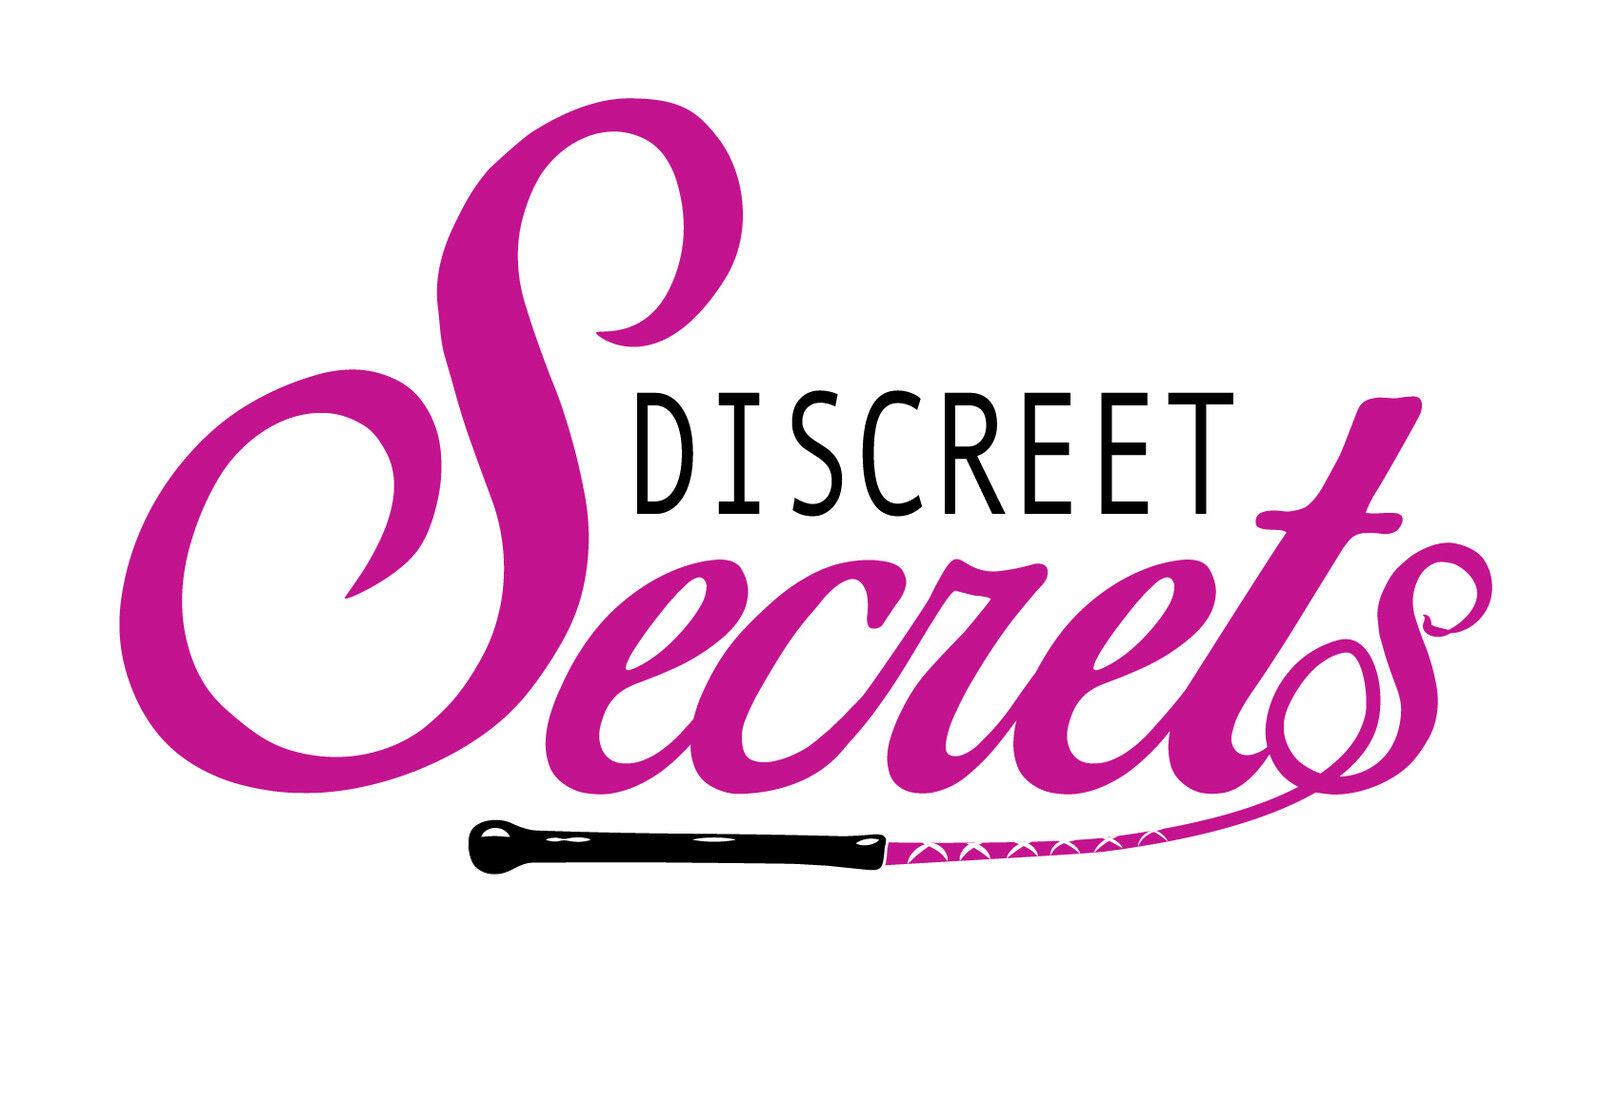 discreetsecrets_lingerie